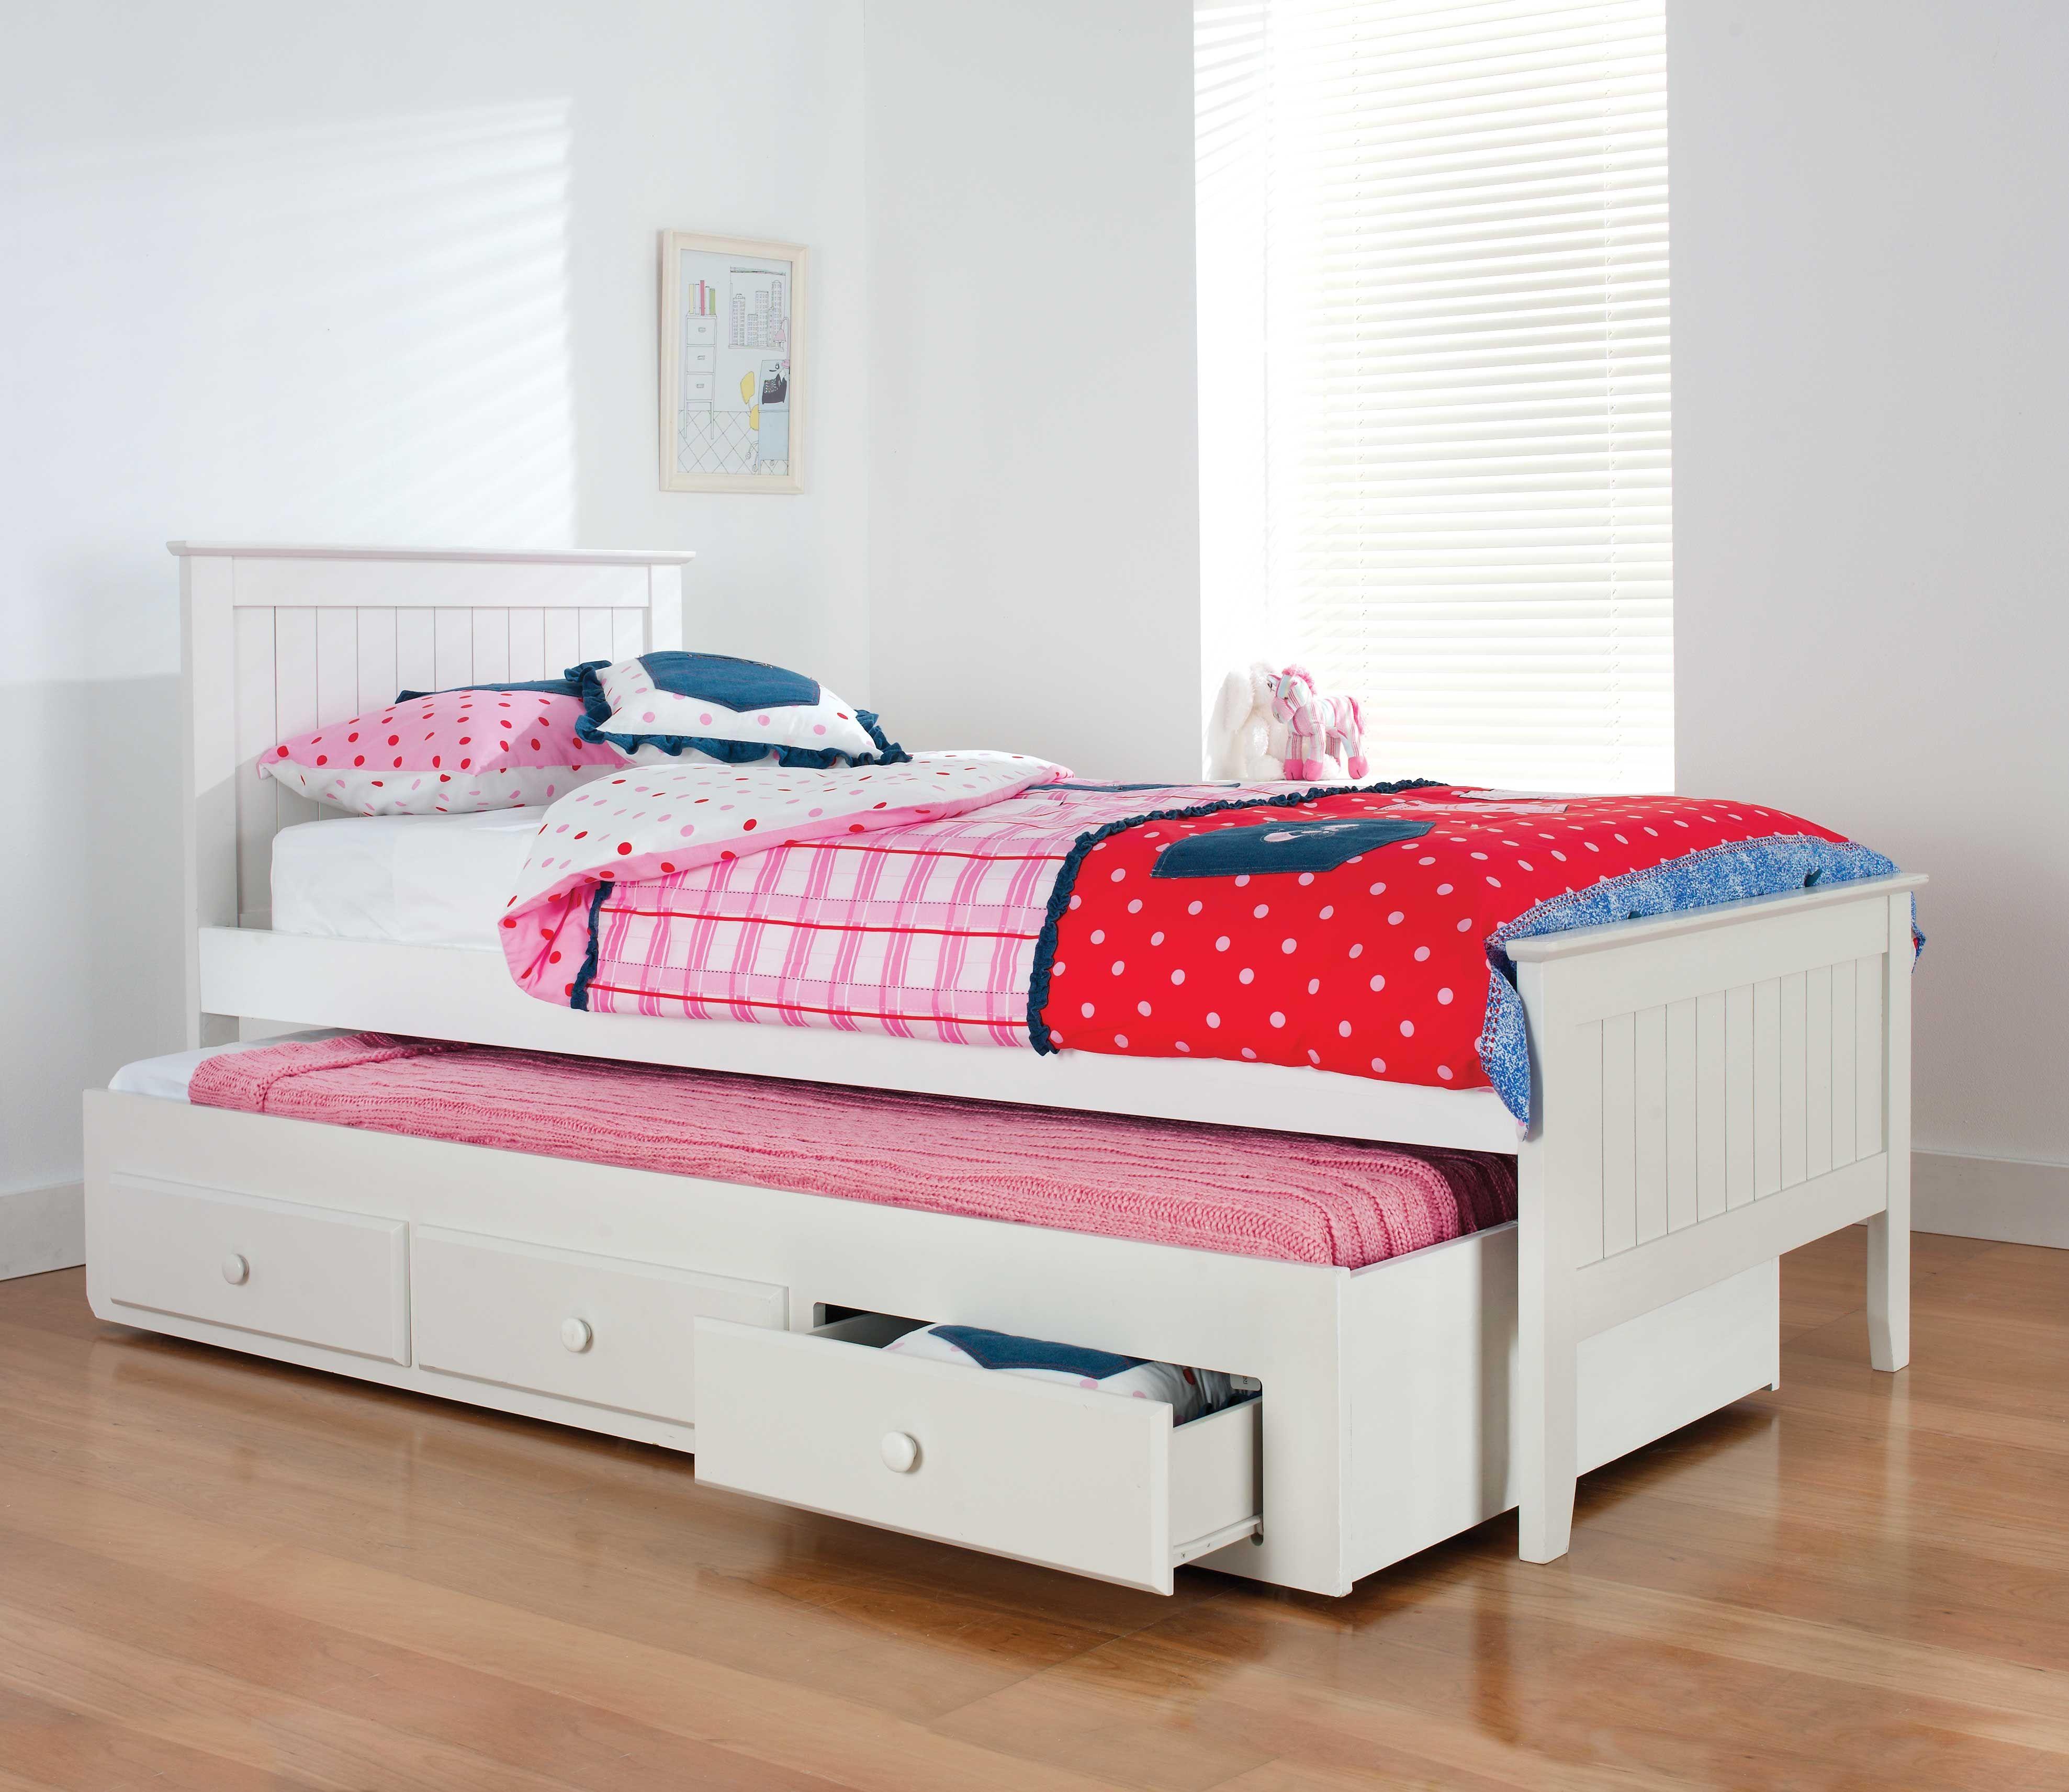 ALASKA SB BED W/TRUNDLE Kids bedroom furniture sets